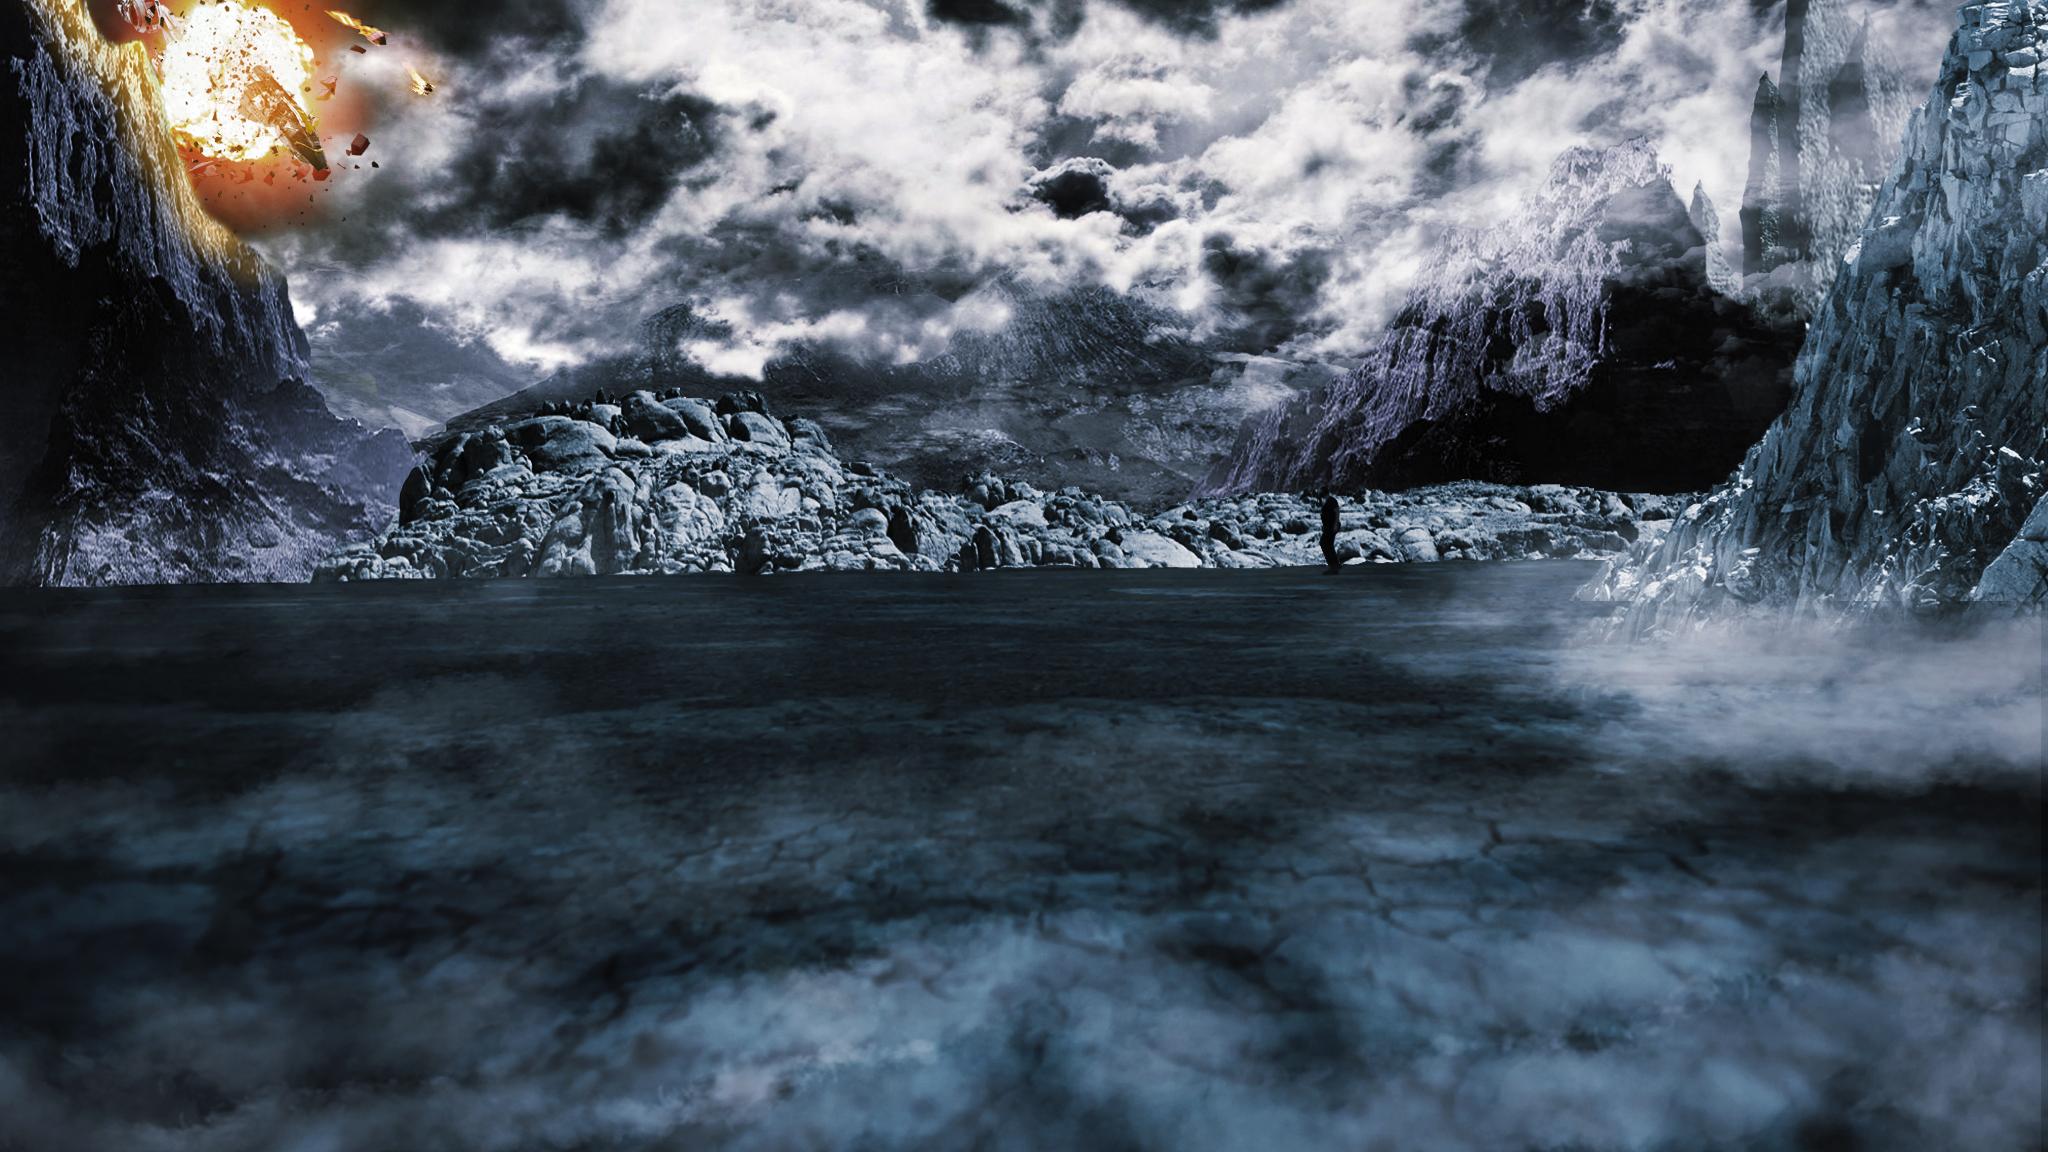 alien landscapes wallpaper - HD2048×1152